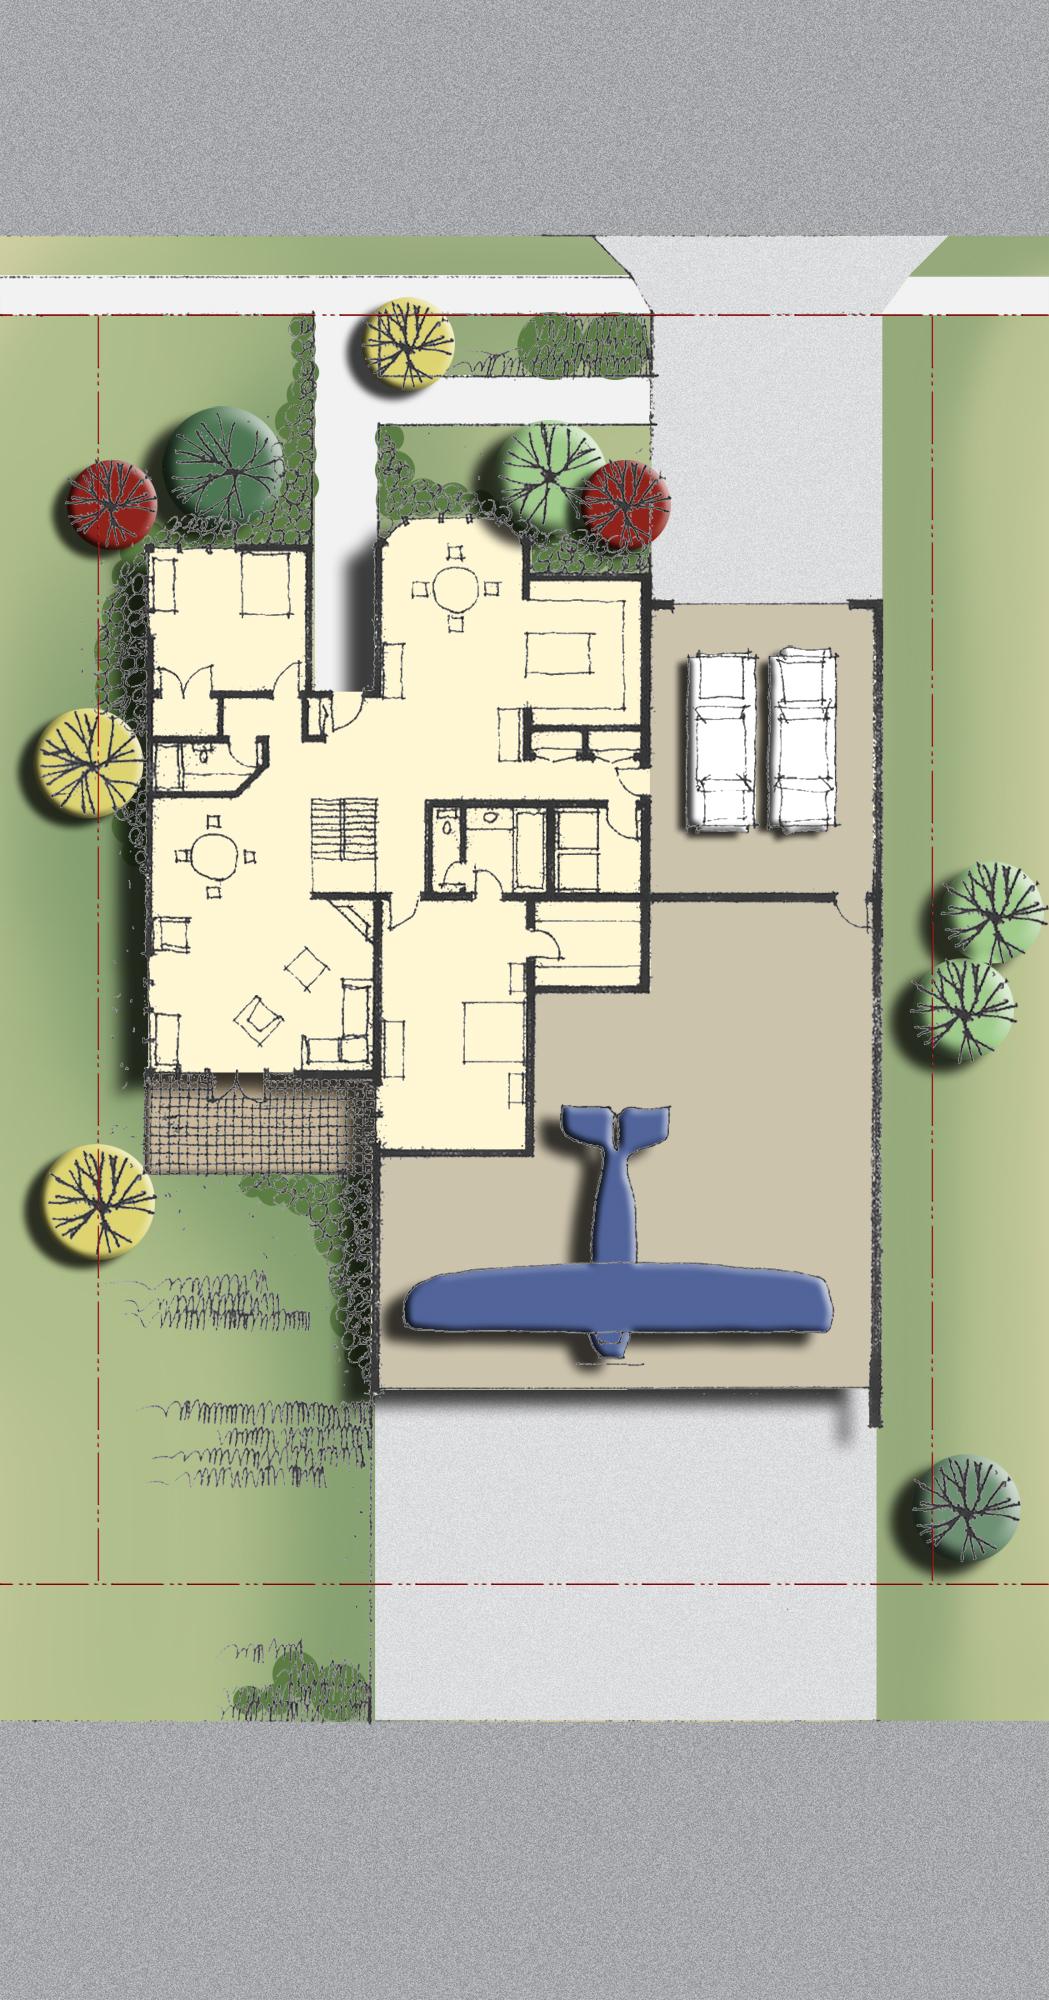 Bonanza Plan 1